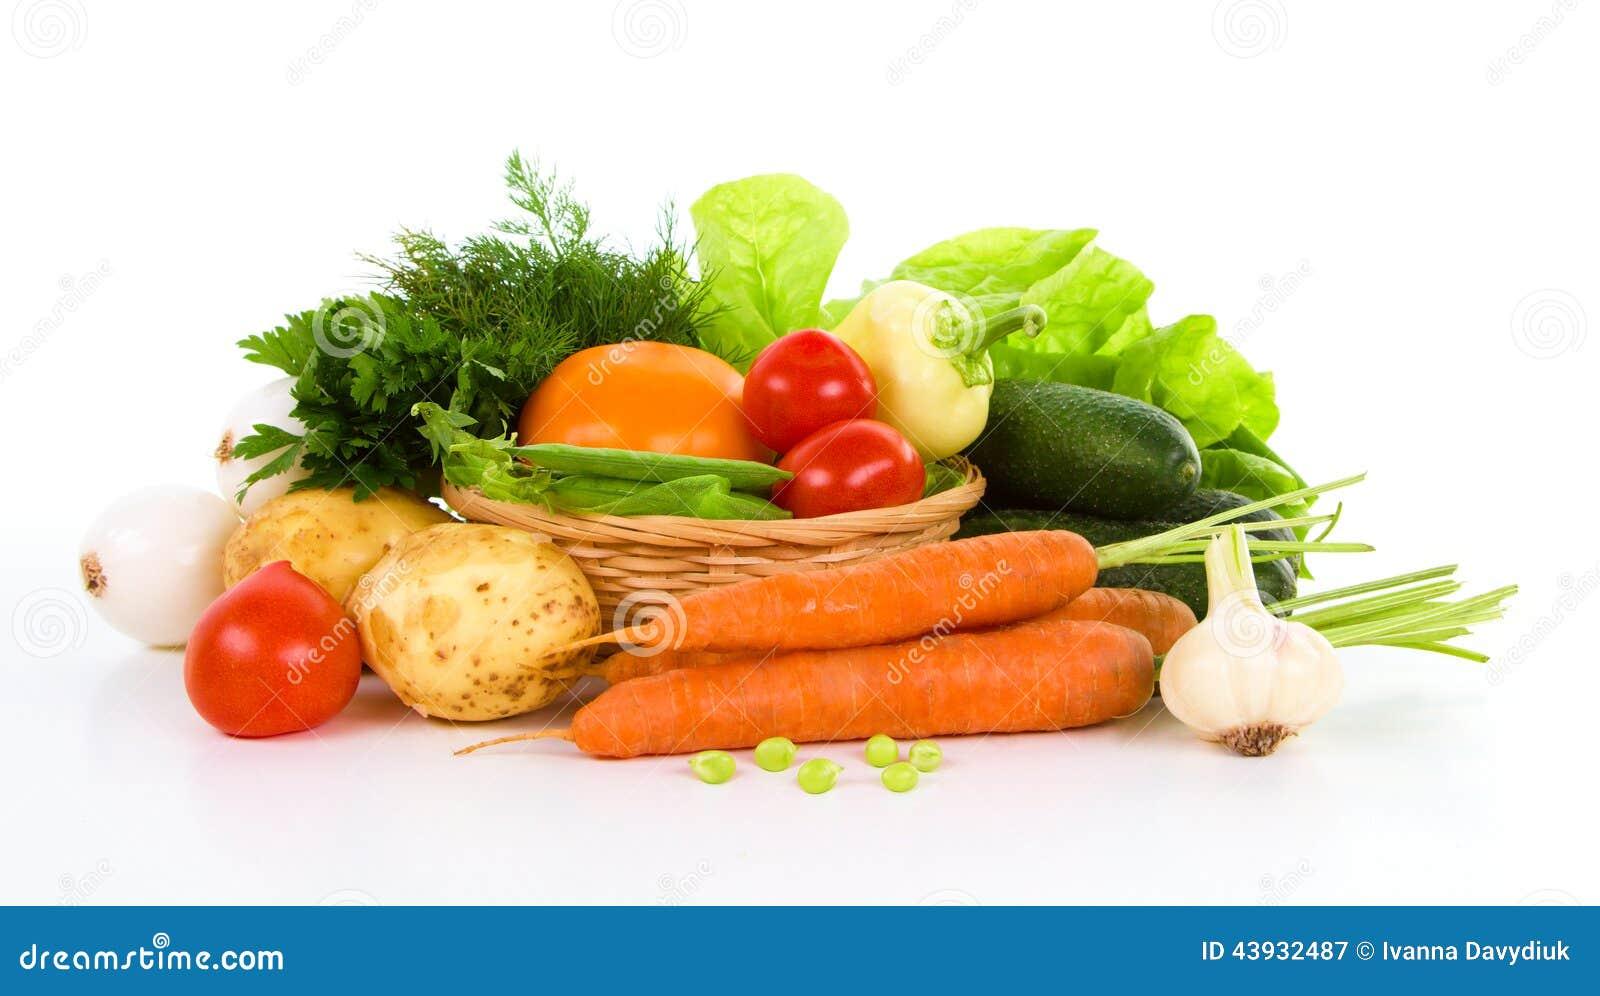 Garden vegetable over white